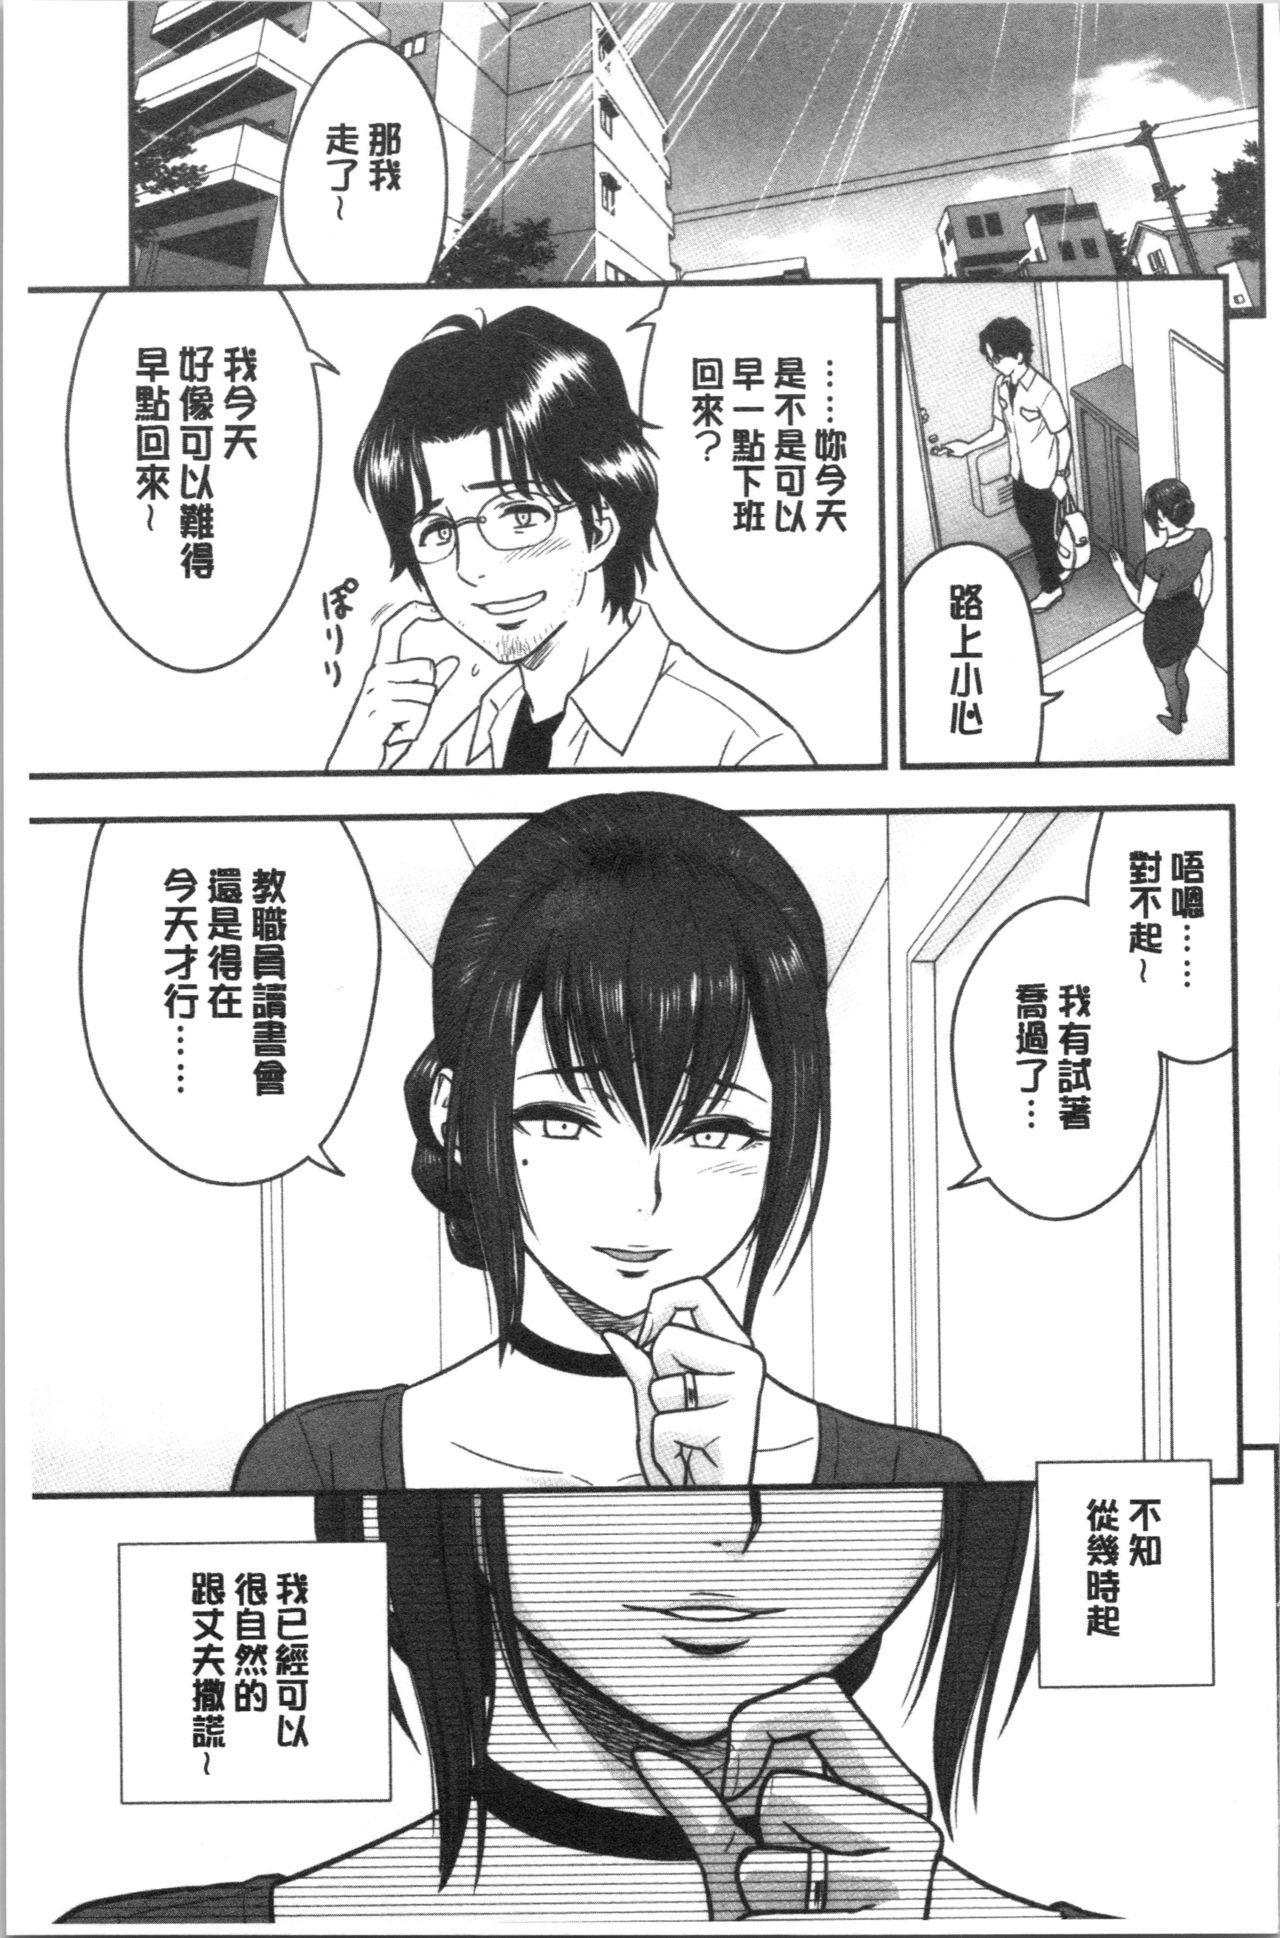 [Tatsunami Youtoku] Dankon Sousai -Hitozuma Kyoushi ga Netorareru made no Kiroku- | 男根想妻 -人妻女教師被寢取偷吃為止的記錄- [Chinese] 207